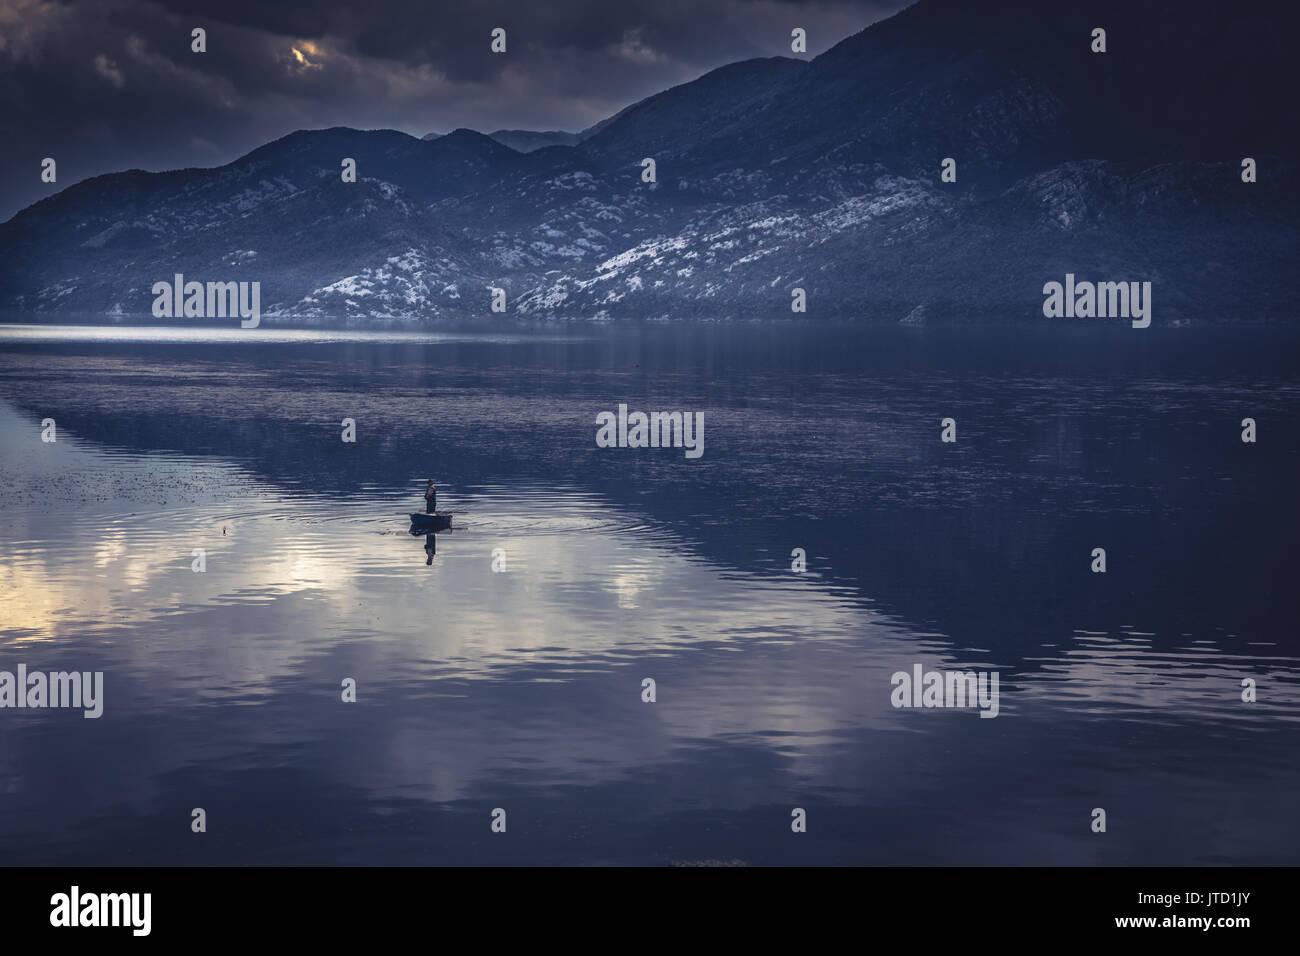 Montagnes idyllique paysage avec bateau de pêche dans l'homme au milieu de lac tranquille avec de l'eau réflexions pendant le lever du soleil avec ciel dramatique en bleu pour Photo Stock